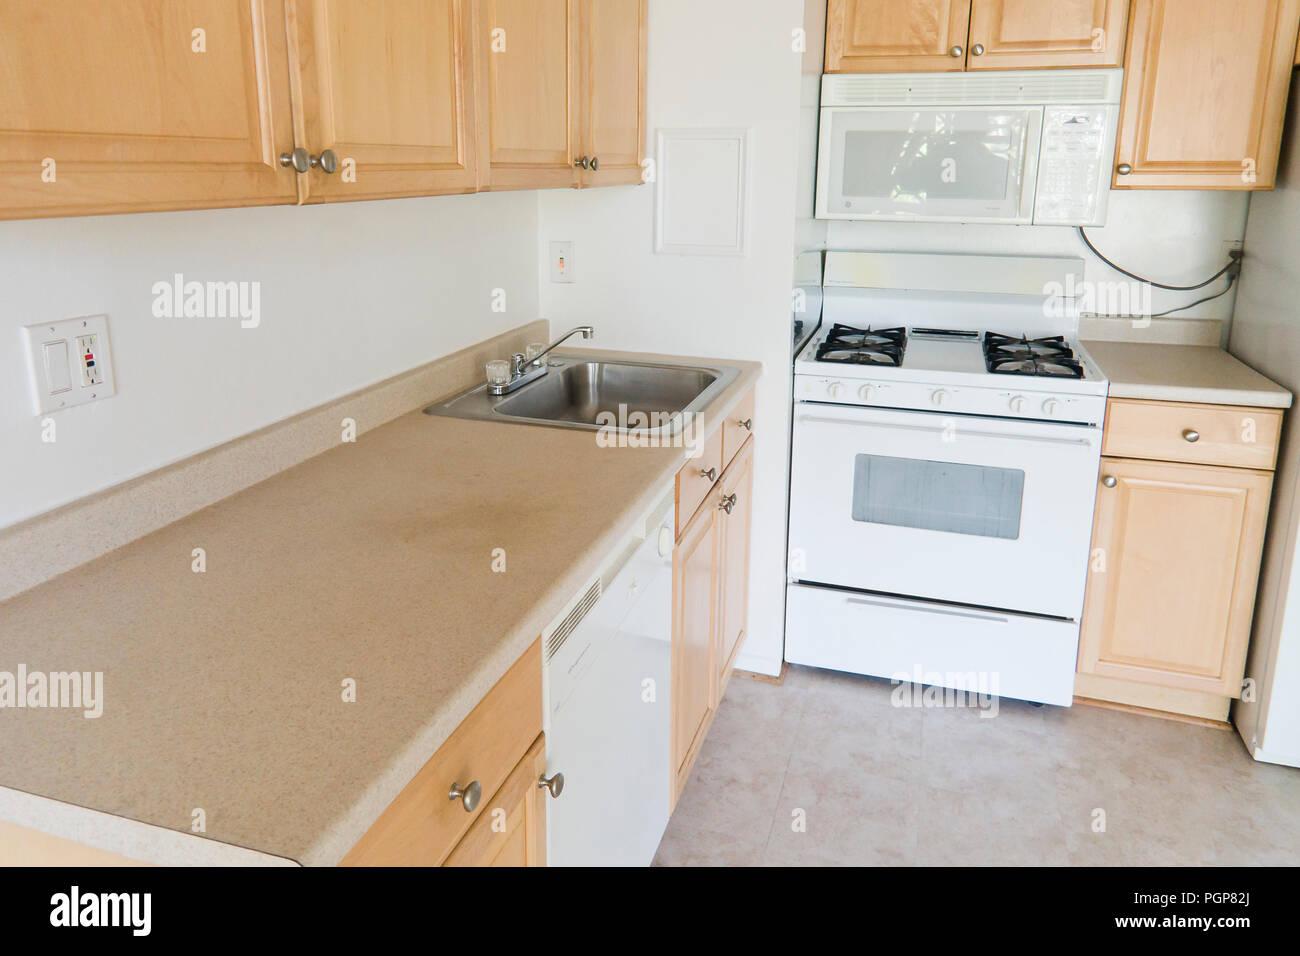 Kleine modulare Küche in einer Wohneinheit (leere Küche) - USA ...